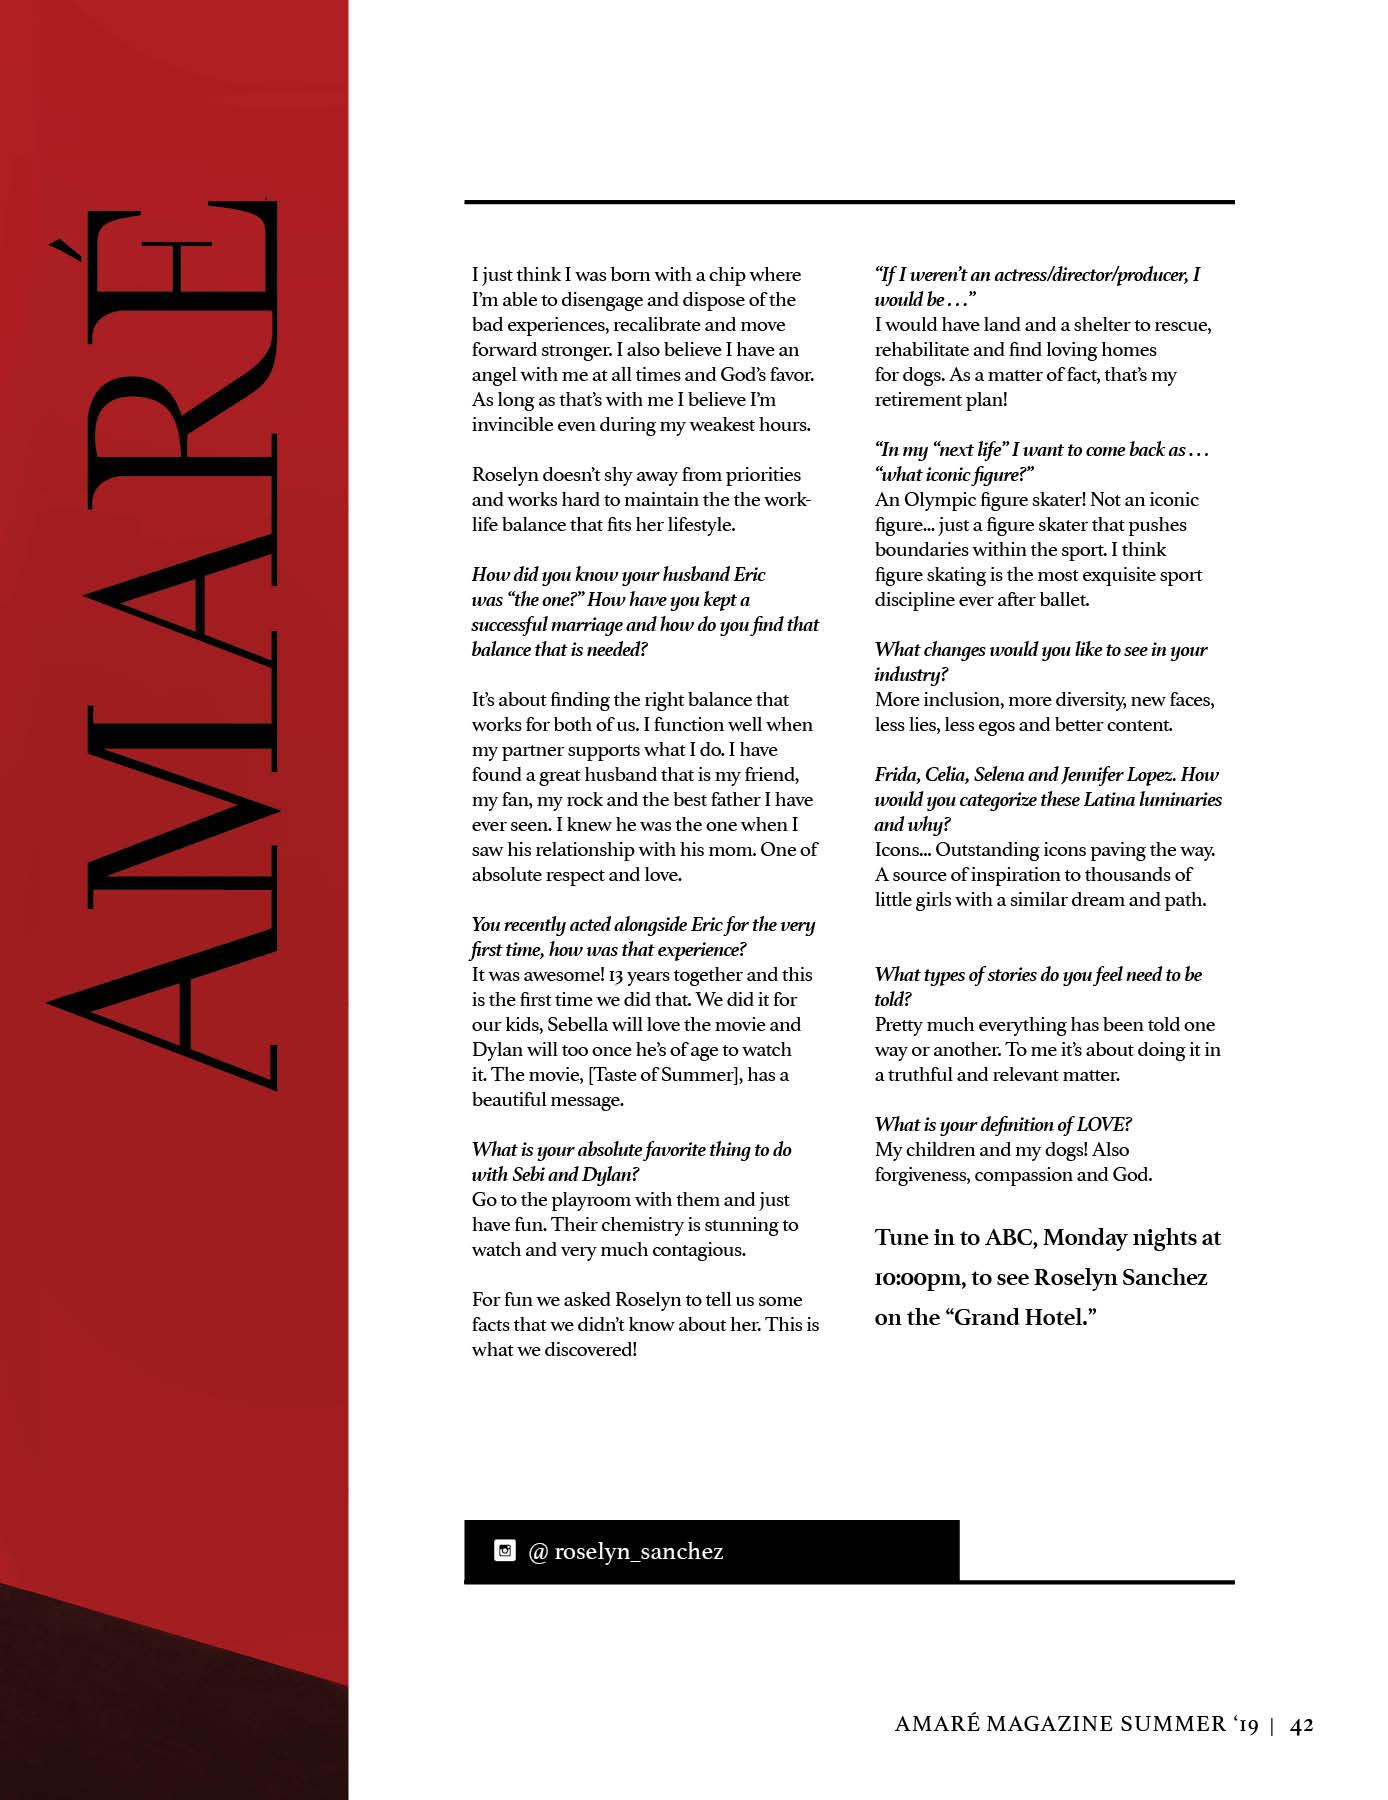 AMARE-Issue-1043.jpg